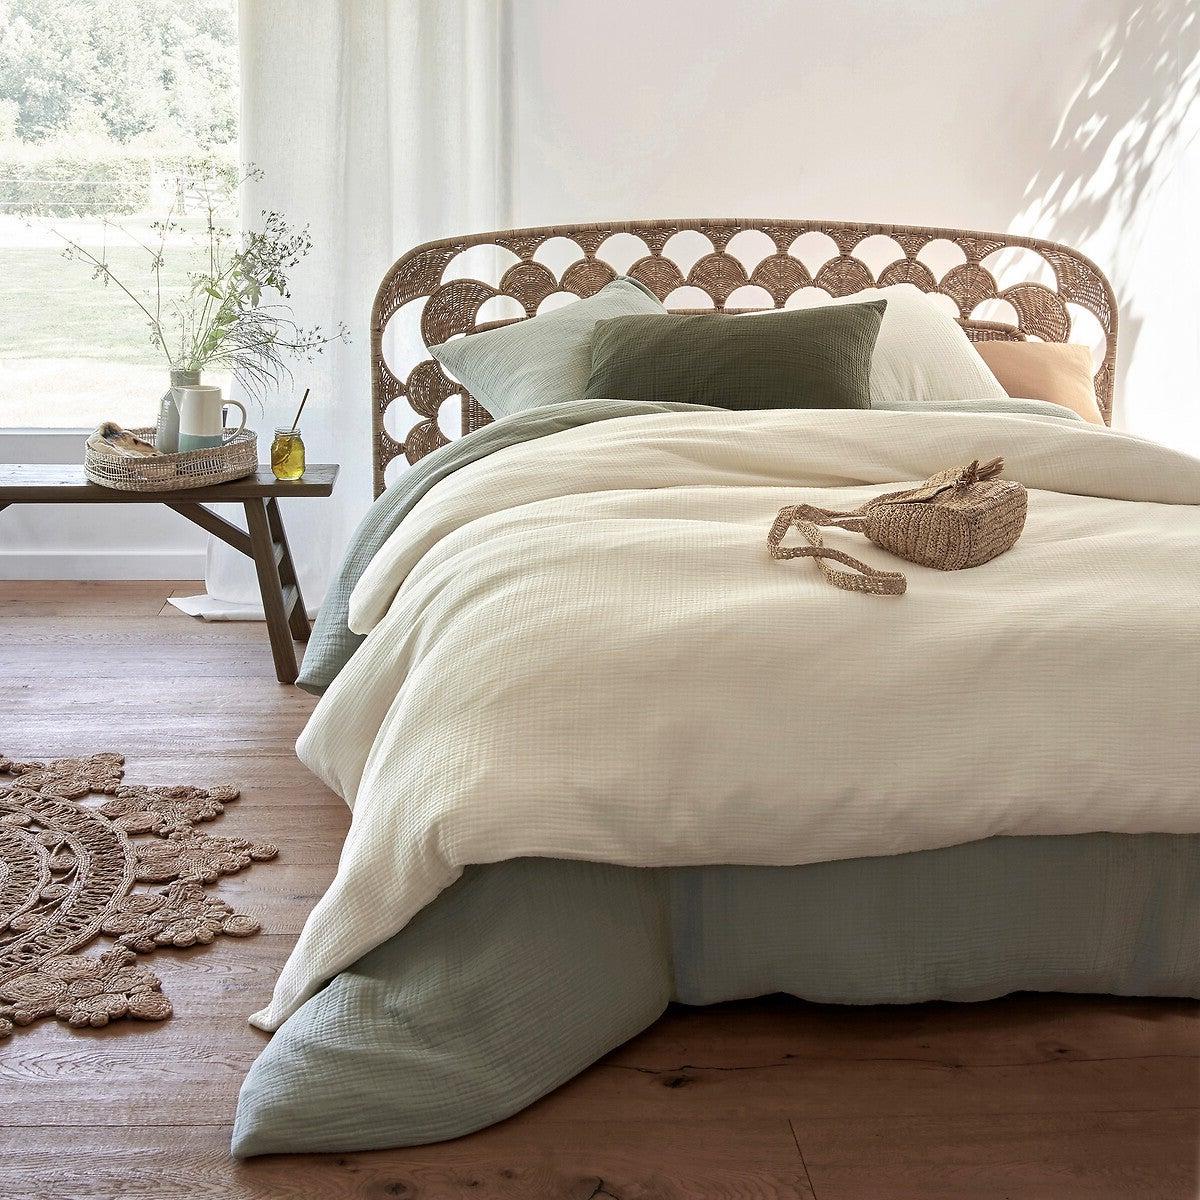 chambre bohème lit corde housse couette dépareillé gaze coton